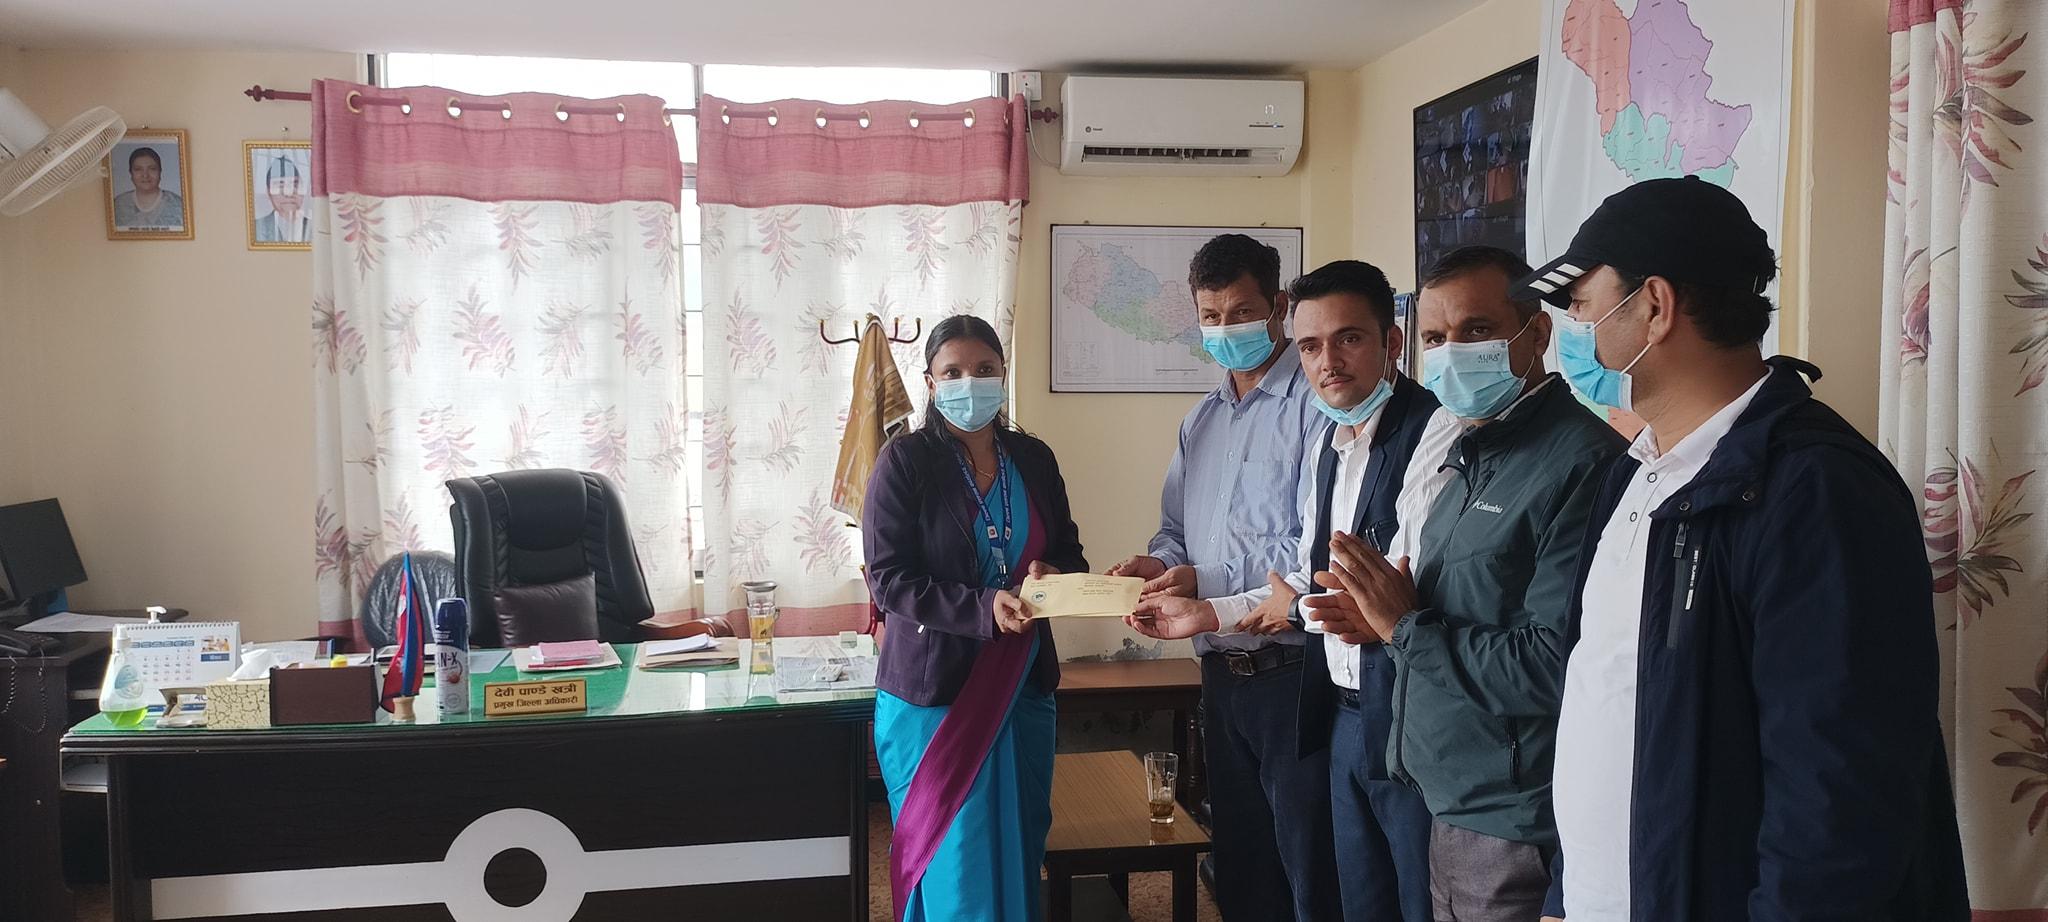 निजामति कर्मचारी संगठन पर्वतले बुझायो प्रधानमन्त्रीलाई ज्ञापन पत्र